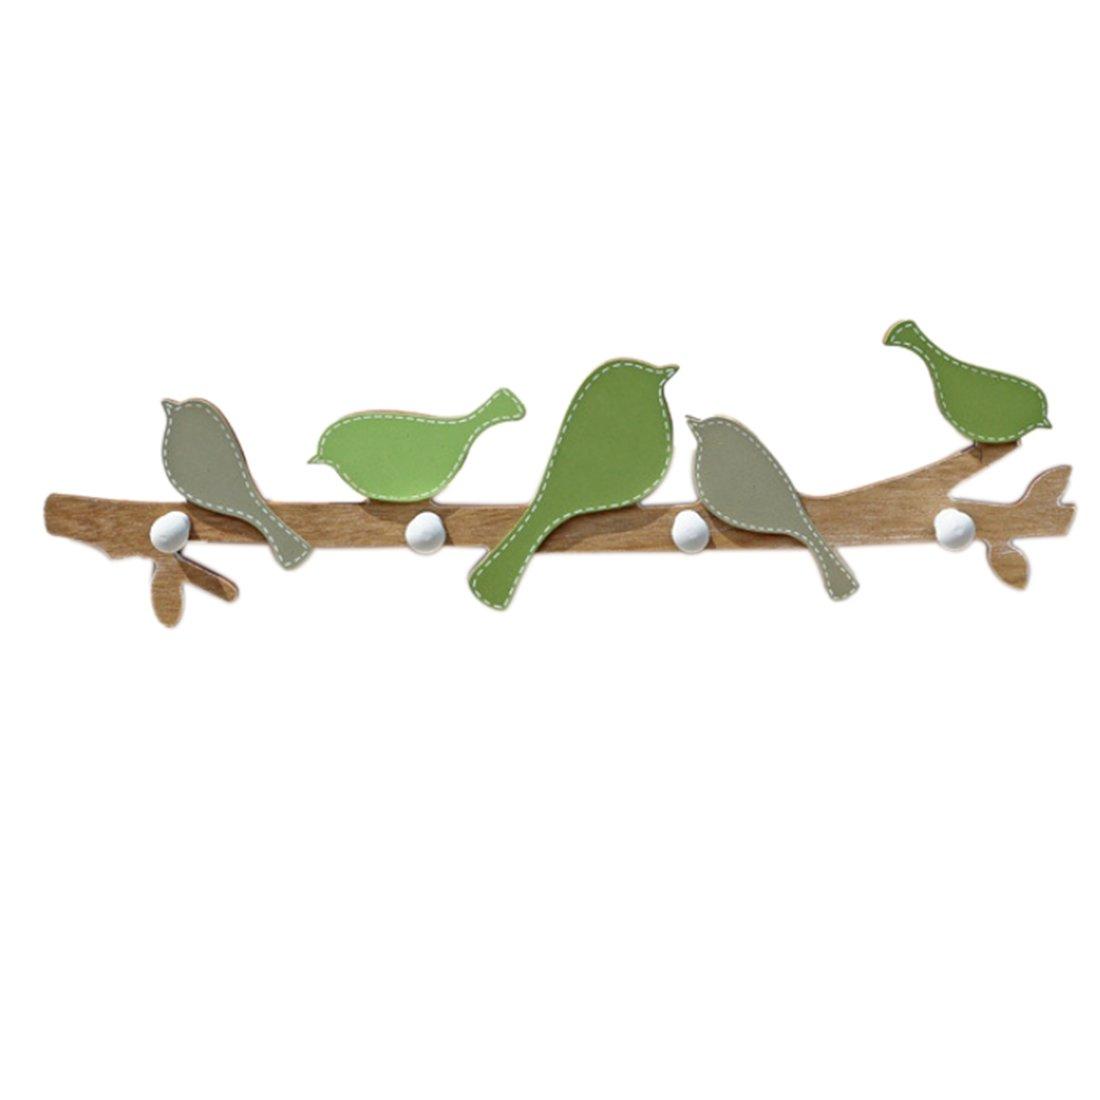 Likeluk Appendiabiti da Parete Appeso con 4 Ganci Decorati per Bambini, Forma di Uccelli, in Legno